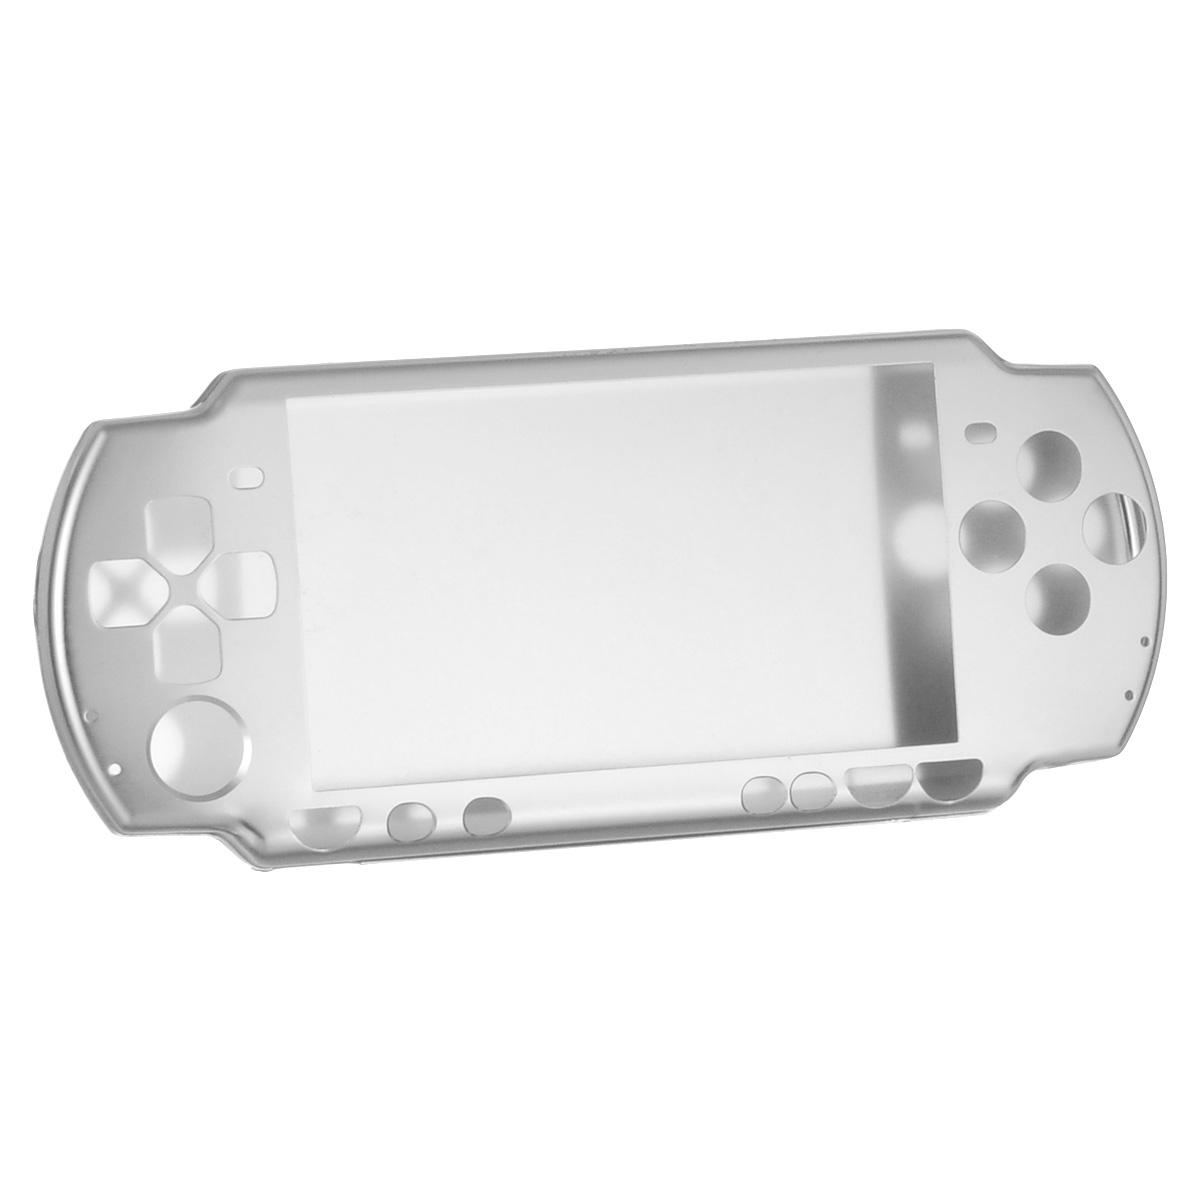 Алюминиевый защитный корпус Game Guru для Sony PSP 2000/3000 (серебряный) универсальный стенд black horns для sony psp 2000 3000 bh psp02801